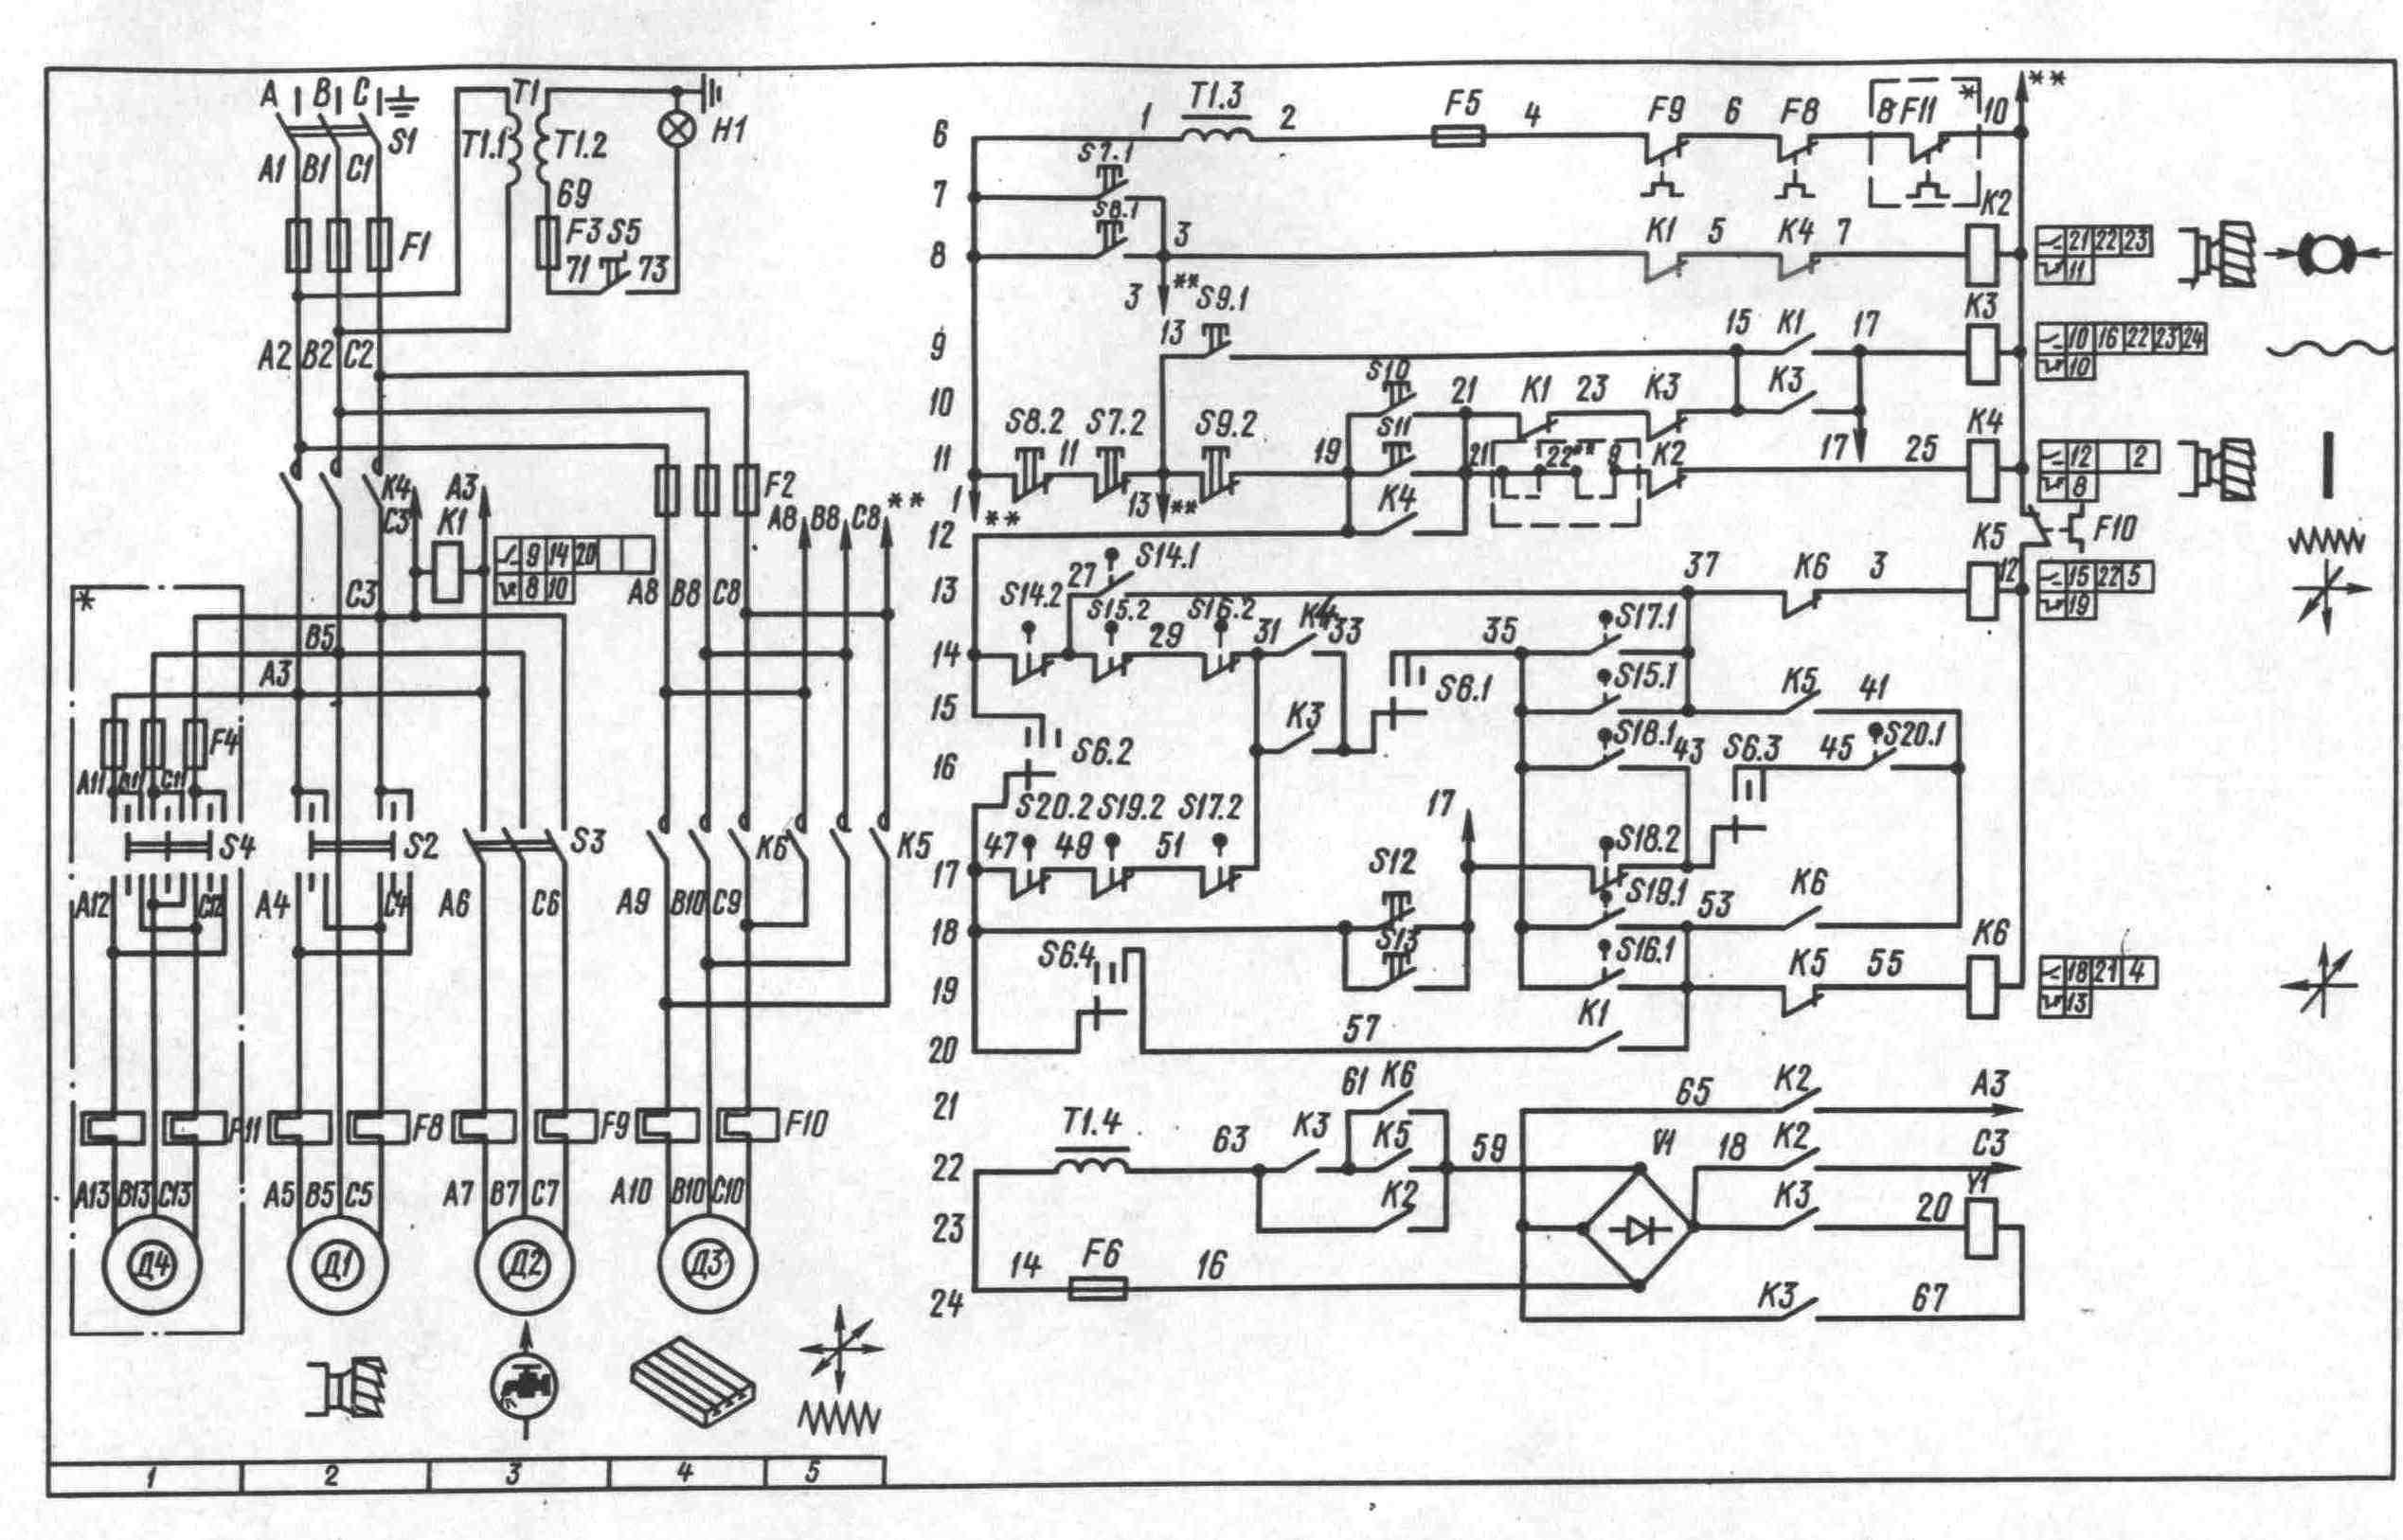 Электросхема фрезерного станка.  Электрооборудование фрезерных станков.